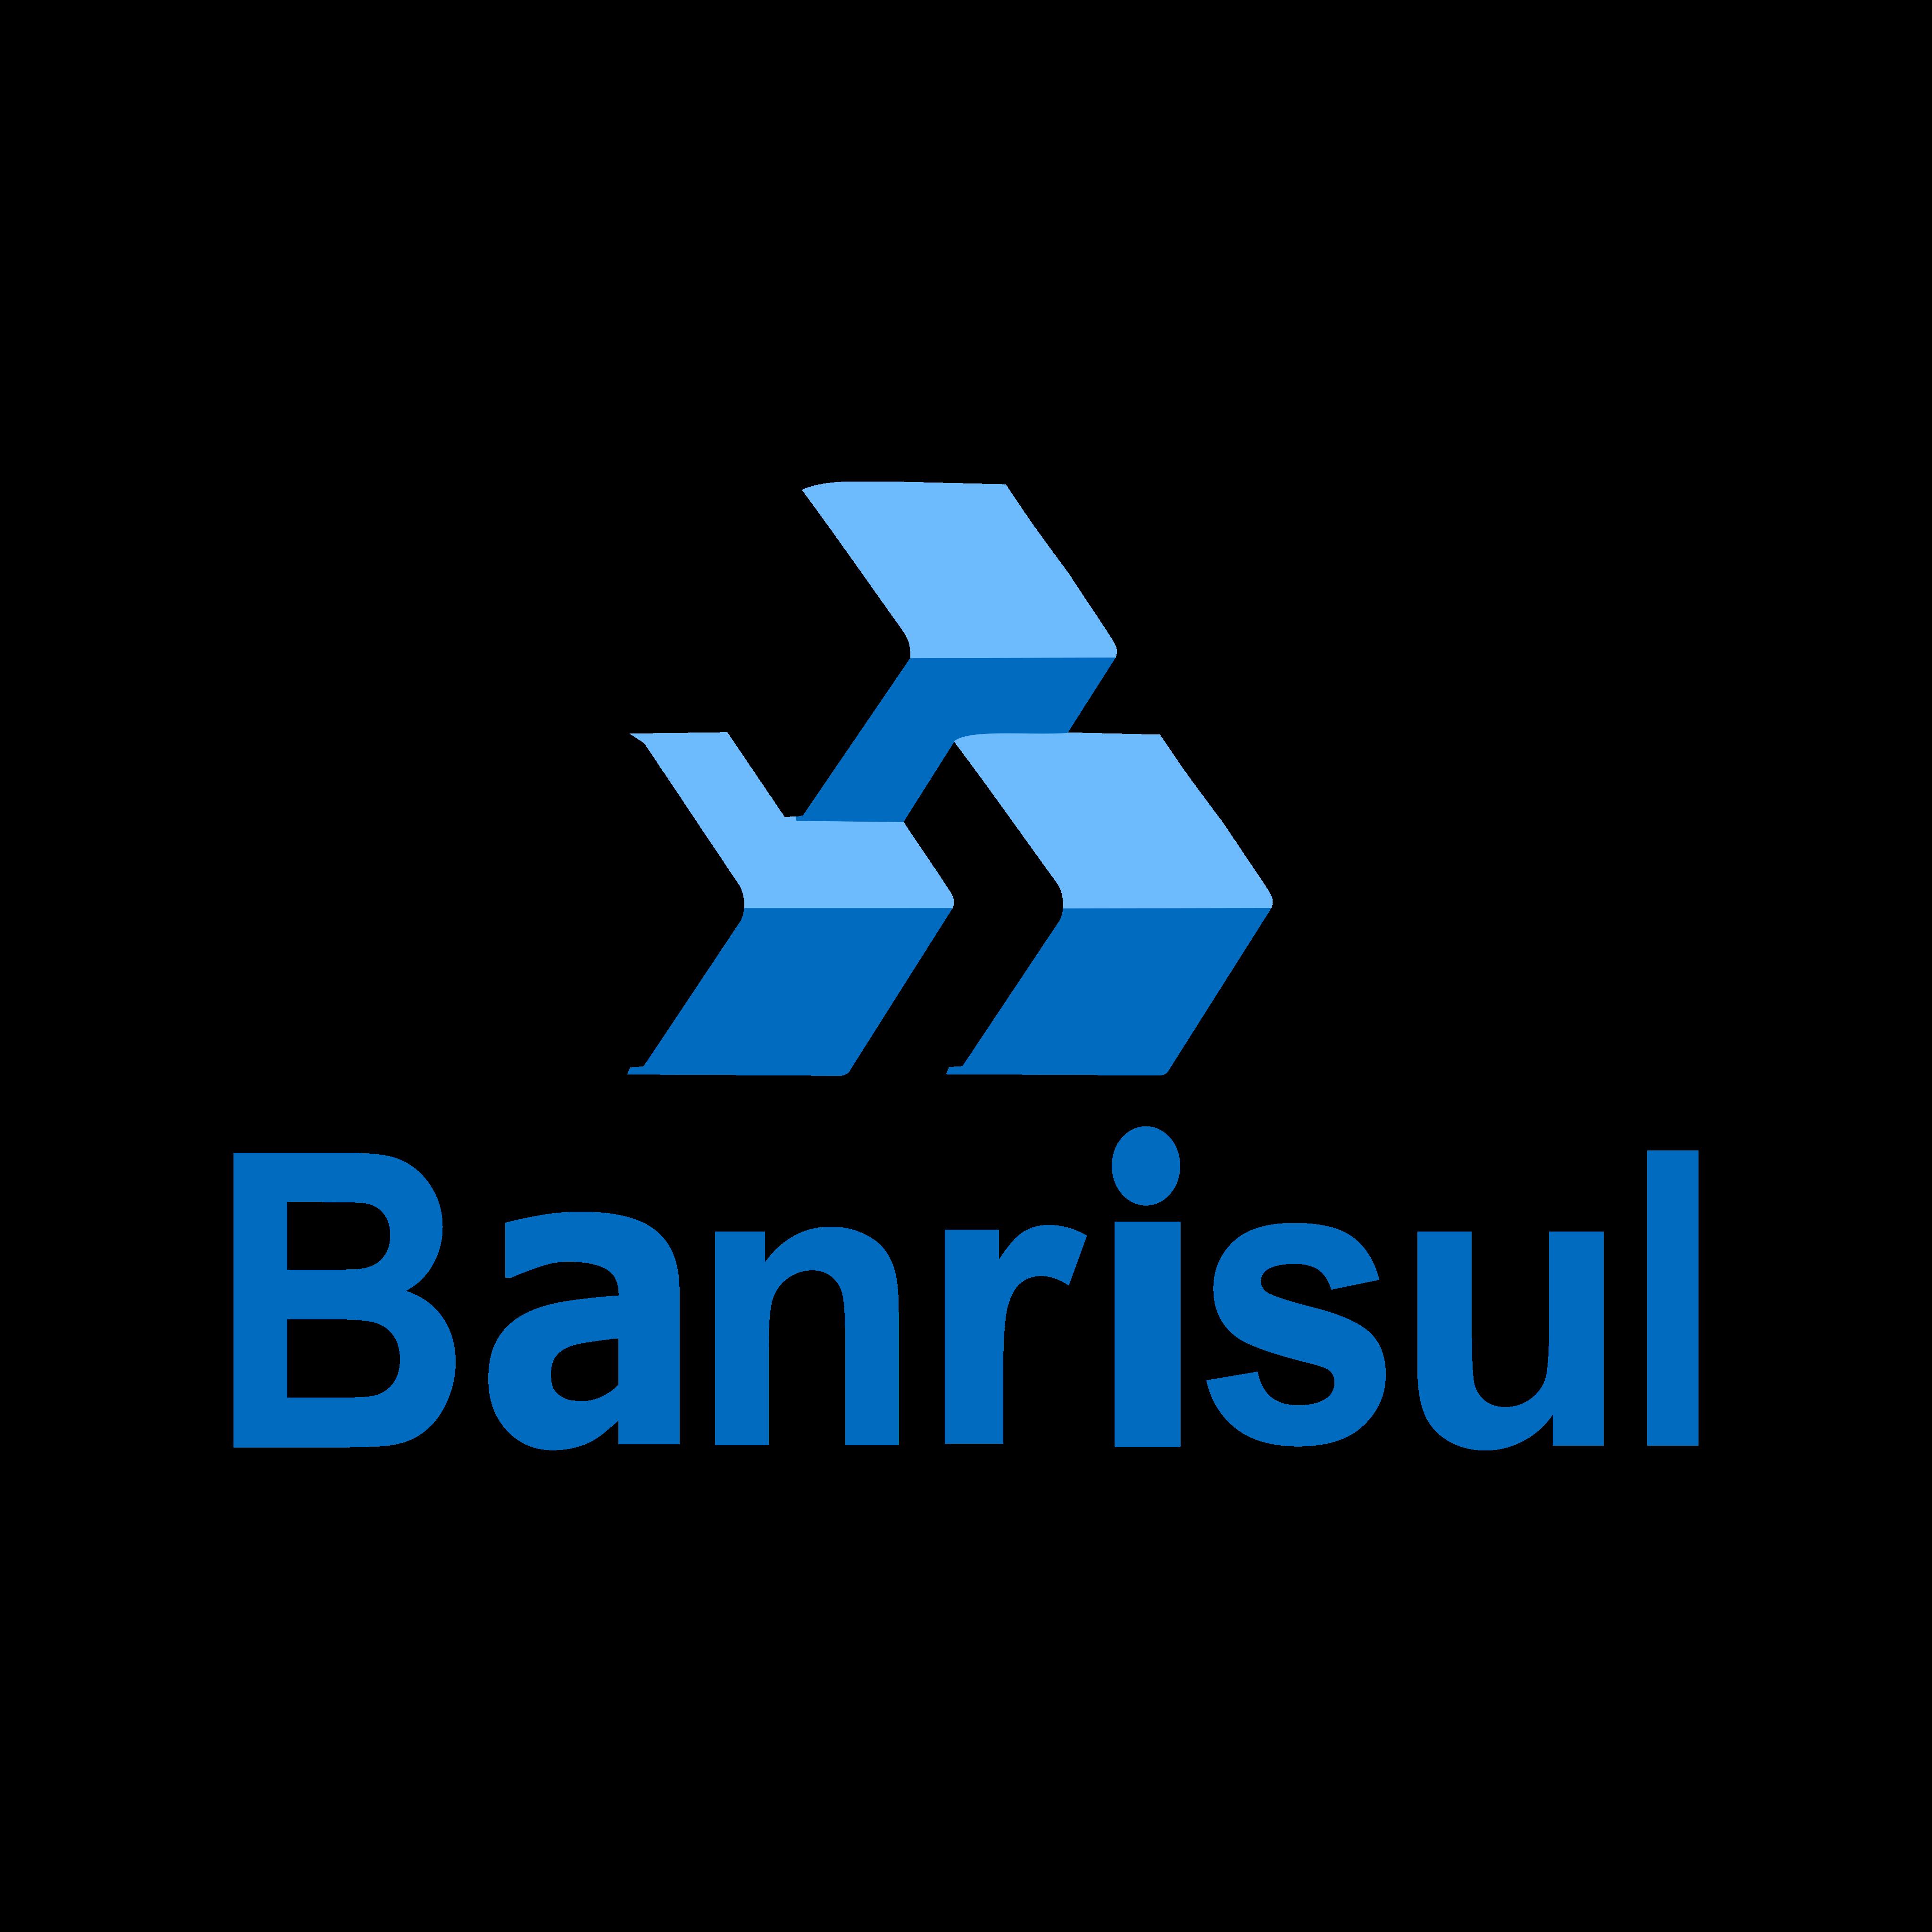 banrisul logo 0 - Banrisul Logo